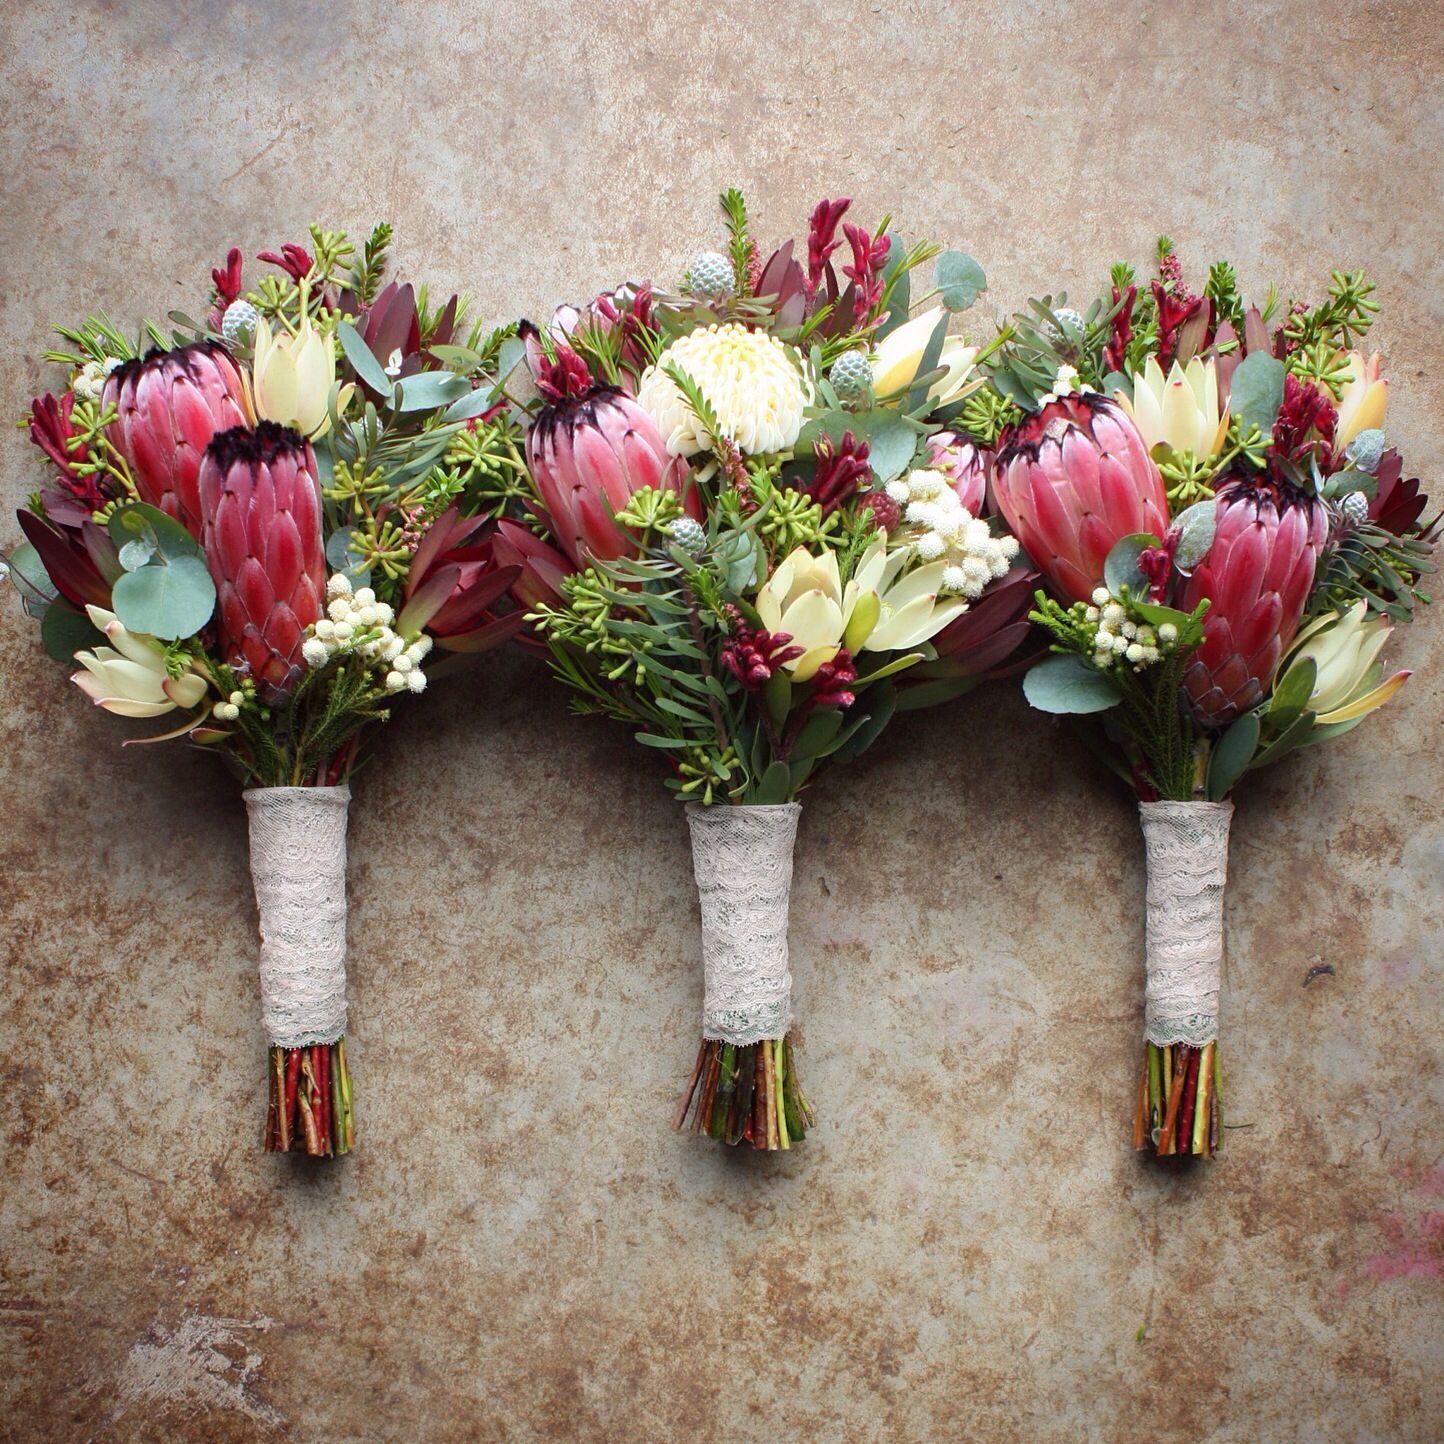 Protea Wedding Flowers: Protea, White Waratah, Kangaroo Paw, Leucadendron Bound